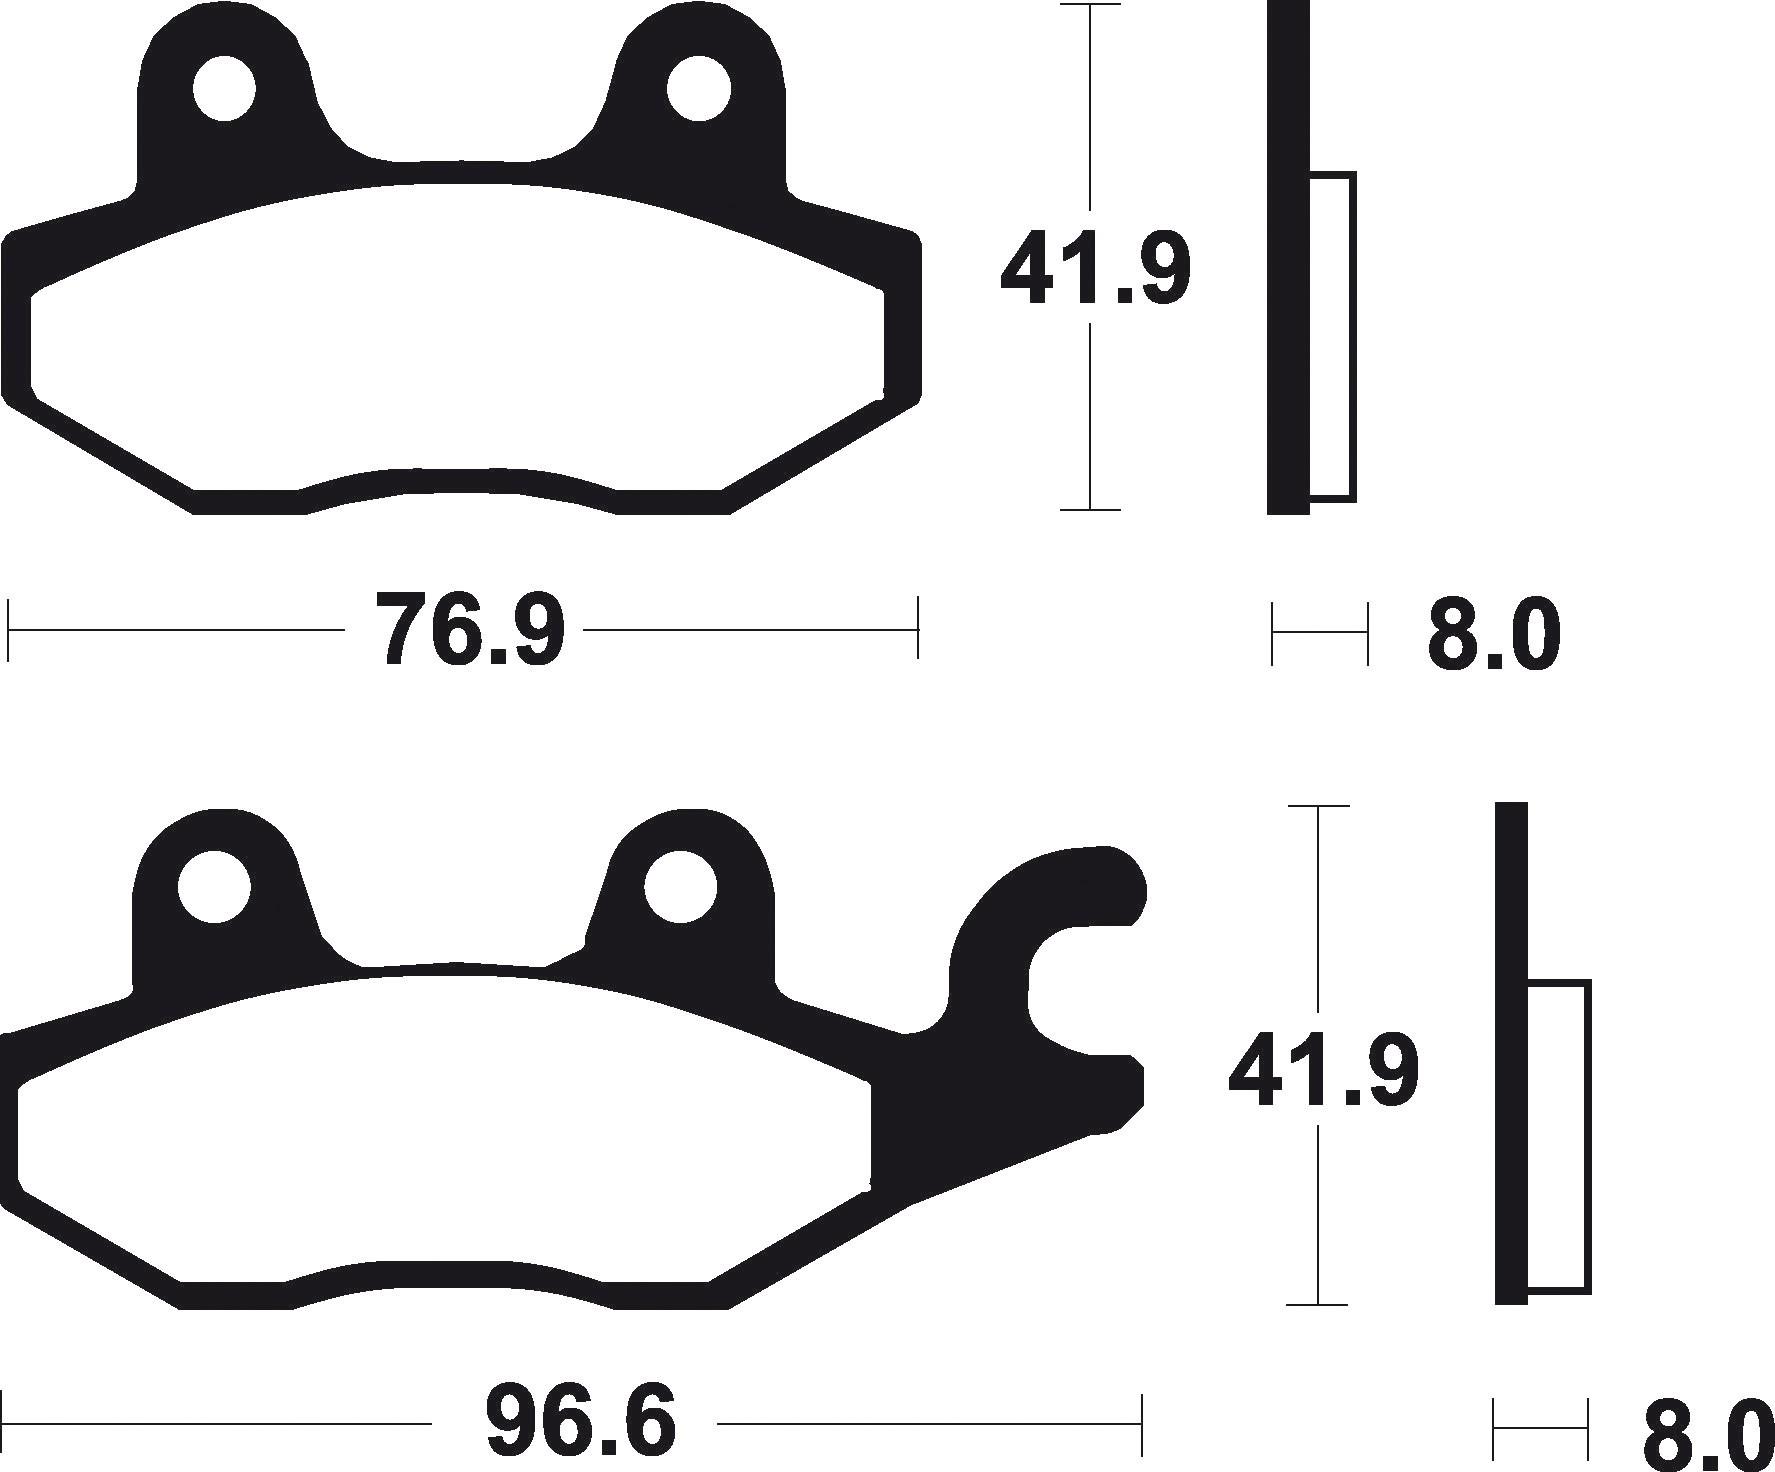 (302453) Juego Pastillas Freno TRIUMPH Trident (Derecha) 750 Año 91-Delanteras B